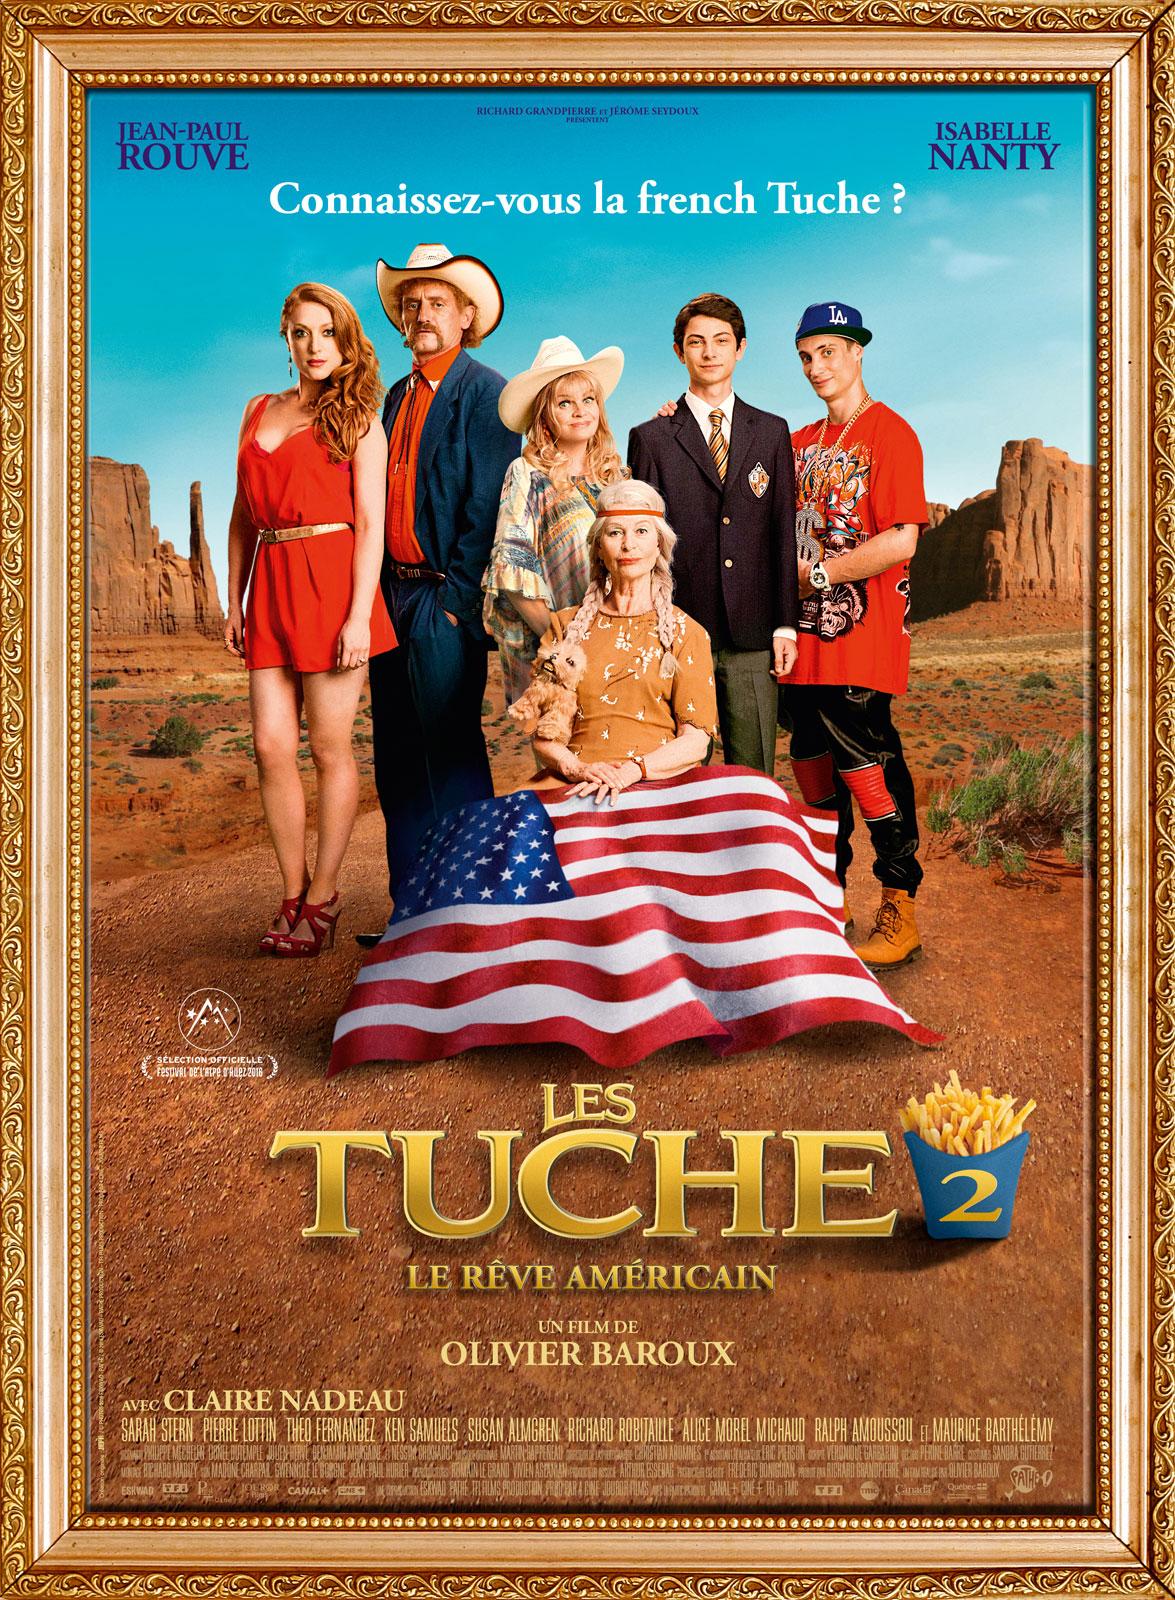 Achat Les Tuche 2 - Le rêve américain en DVD - AlloCiné